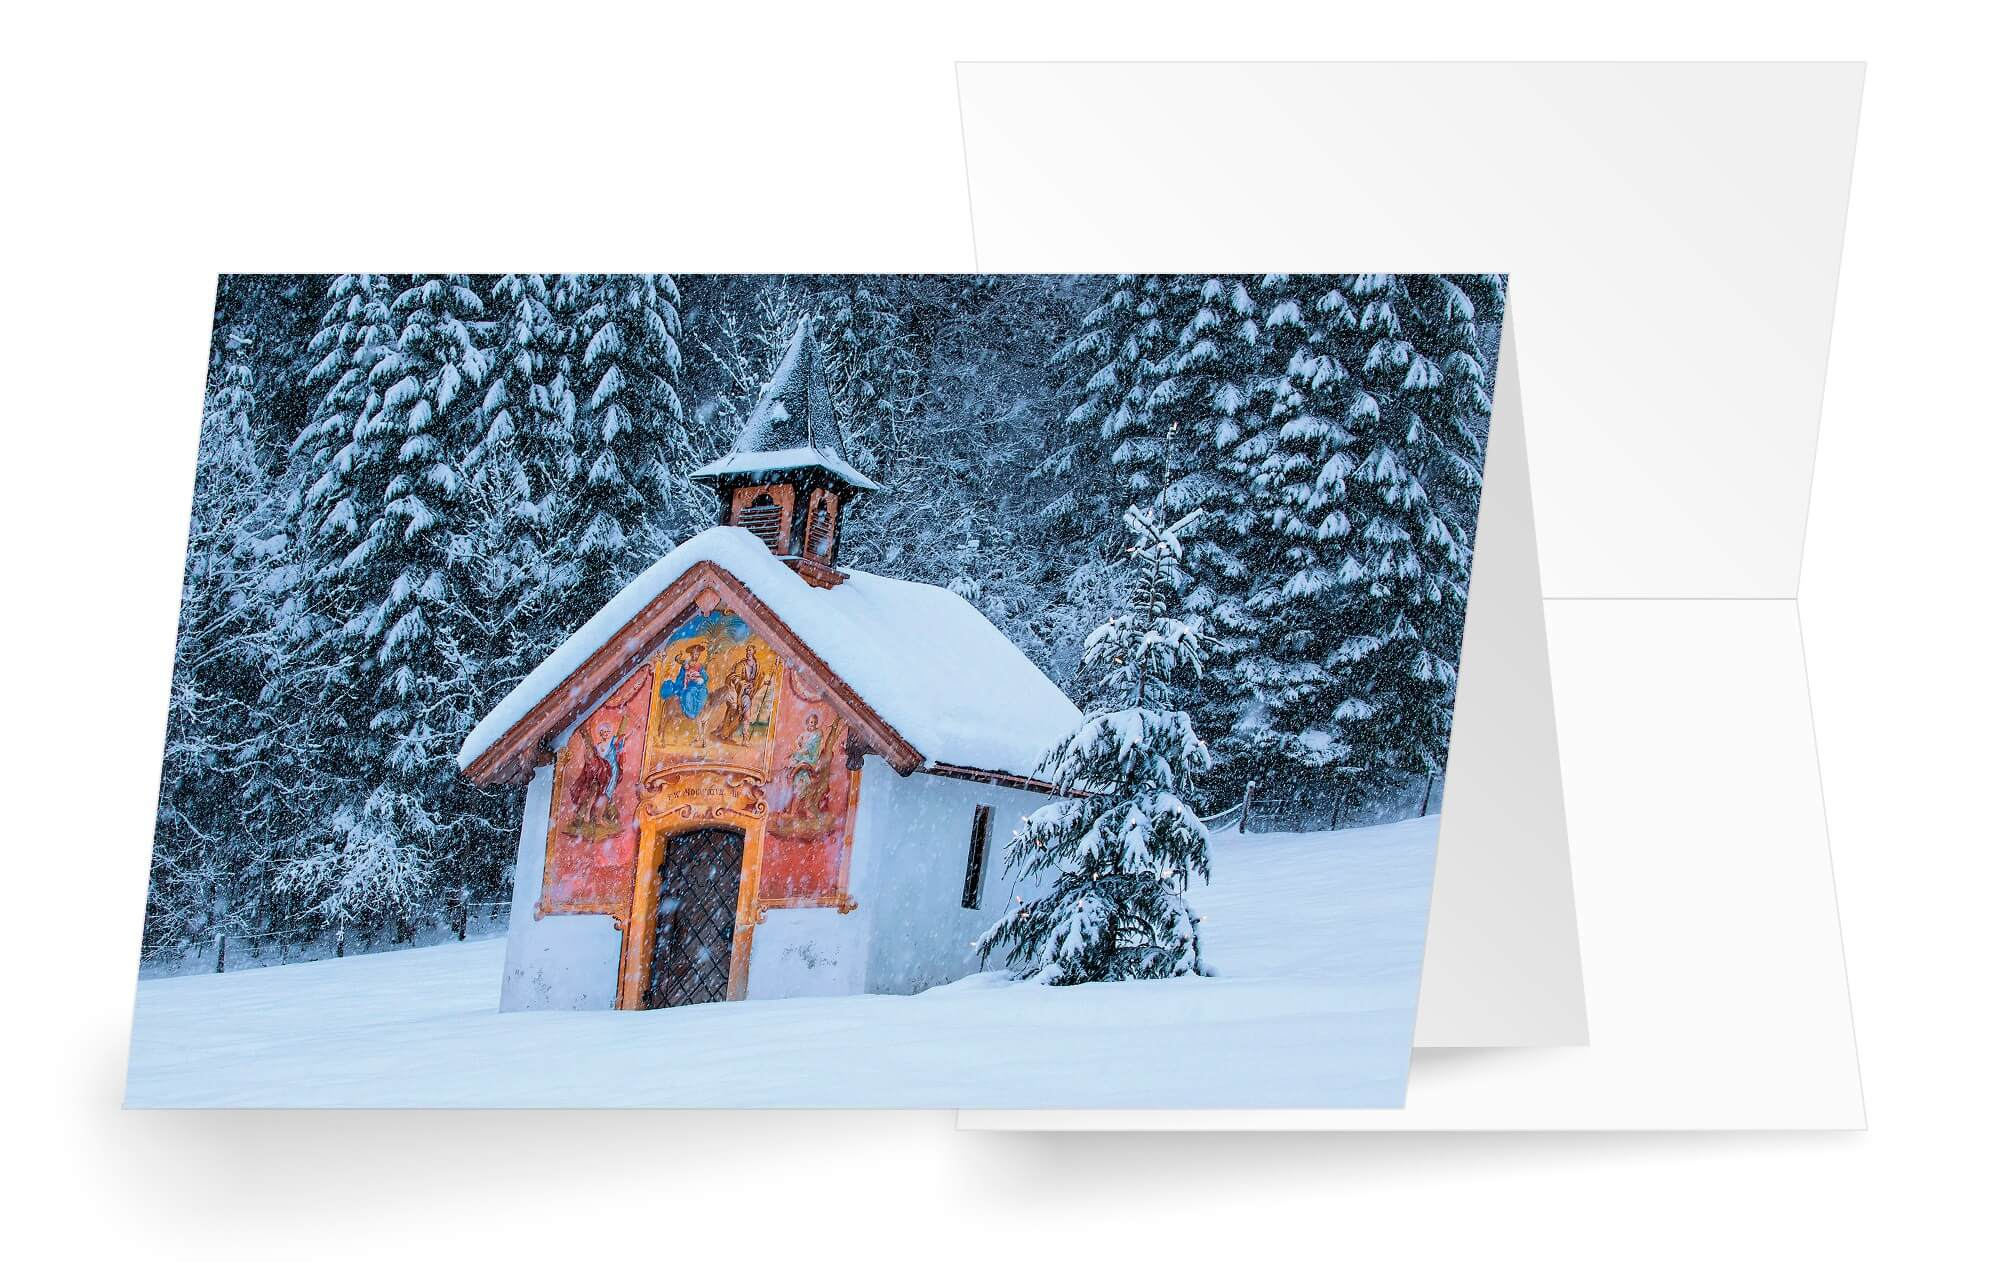 christliche weihnachtsspr che f r karten. Black Bedroom Furniture Sets. Home Design Ideas